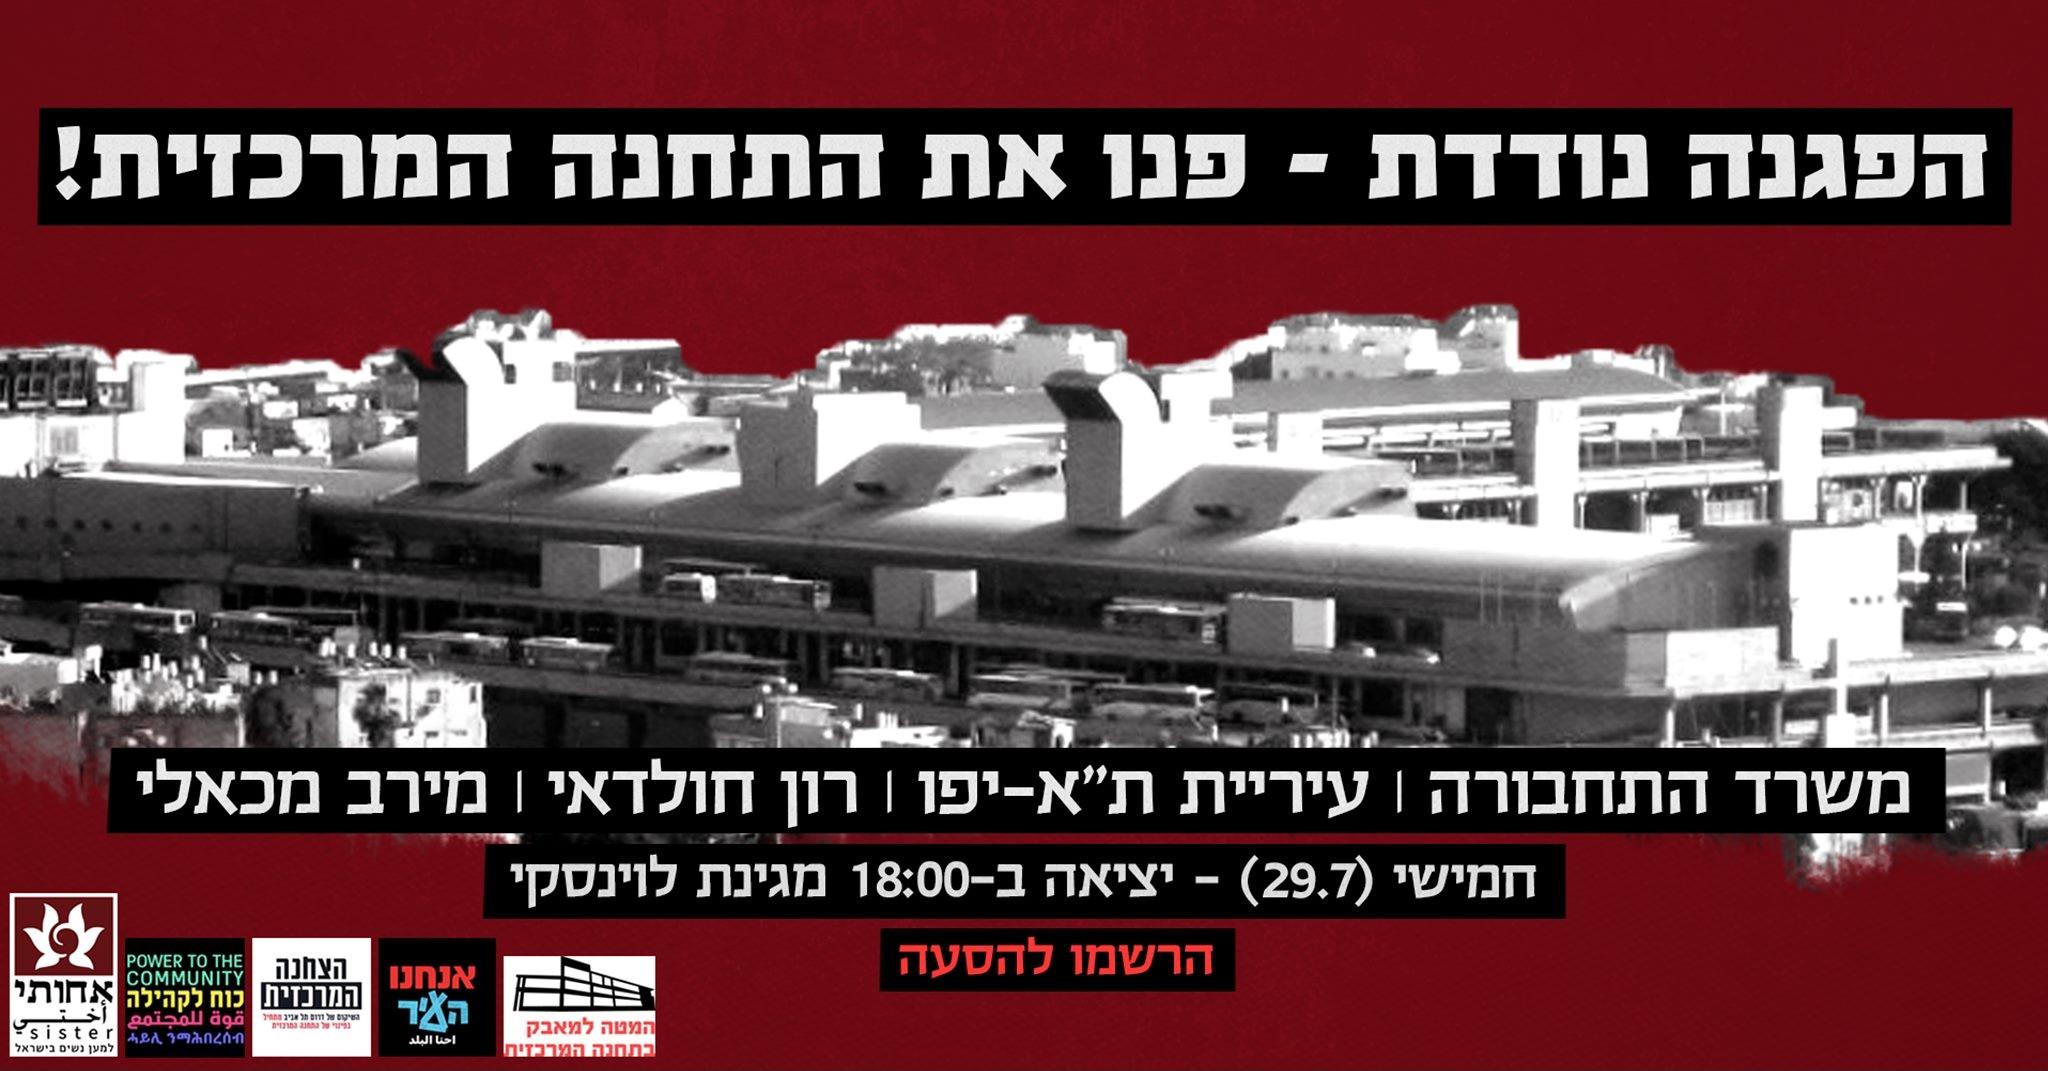 """הפגנה נודדת: פעילי """"אנחנו העיר"""" ותושבי דרום ת""""א ידרשו את פינוי התחנה המרכזית"""